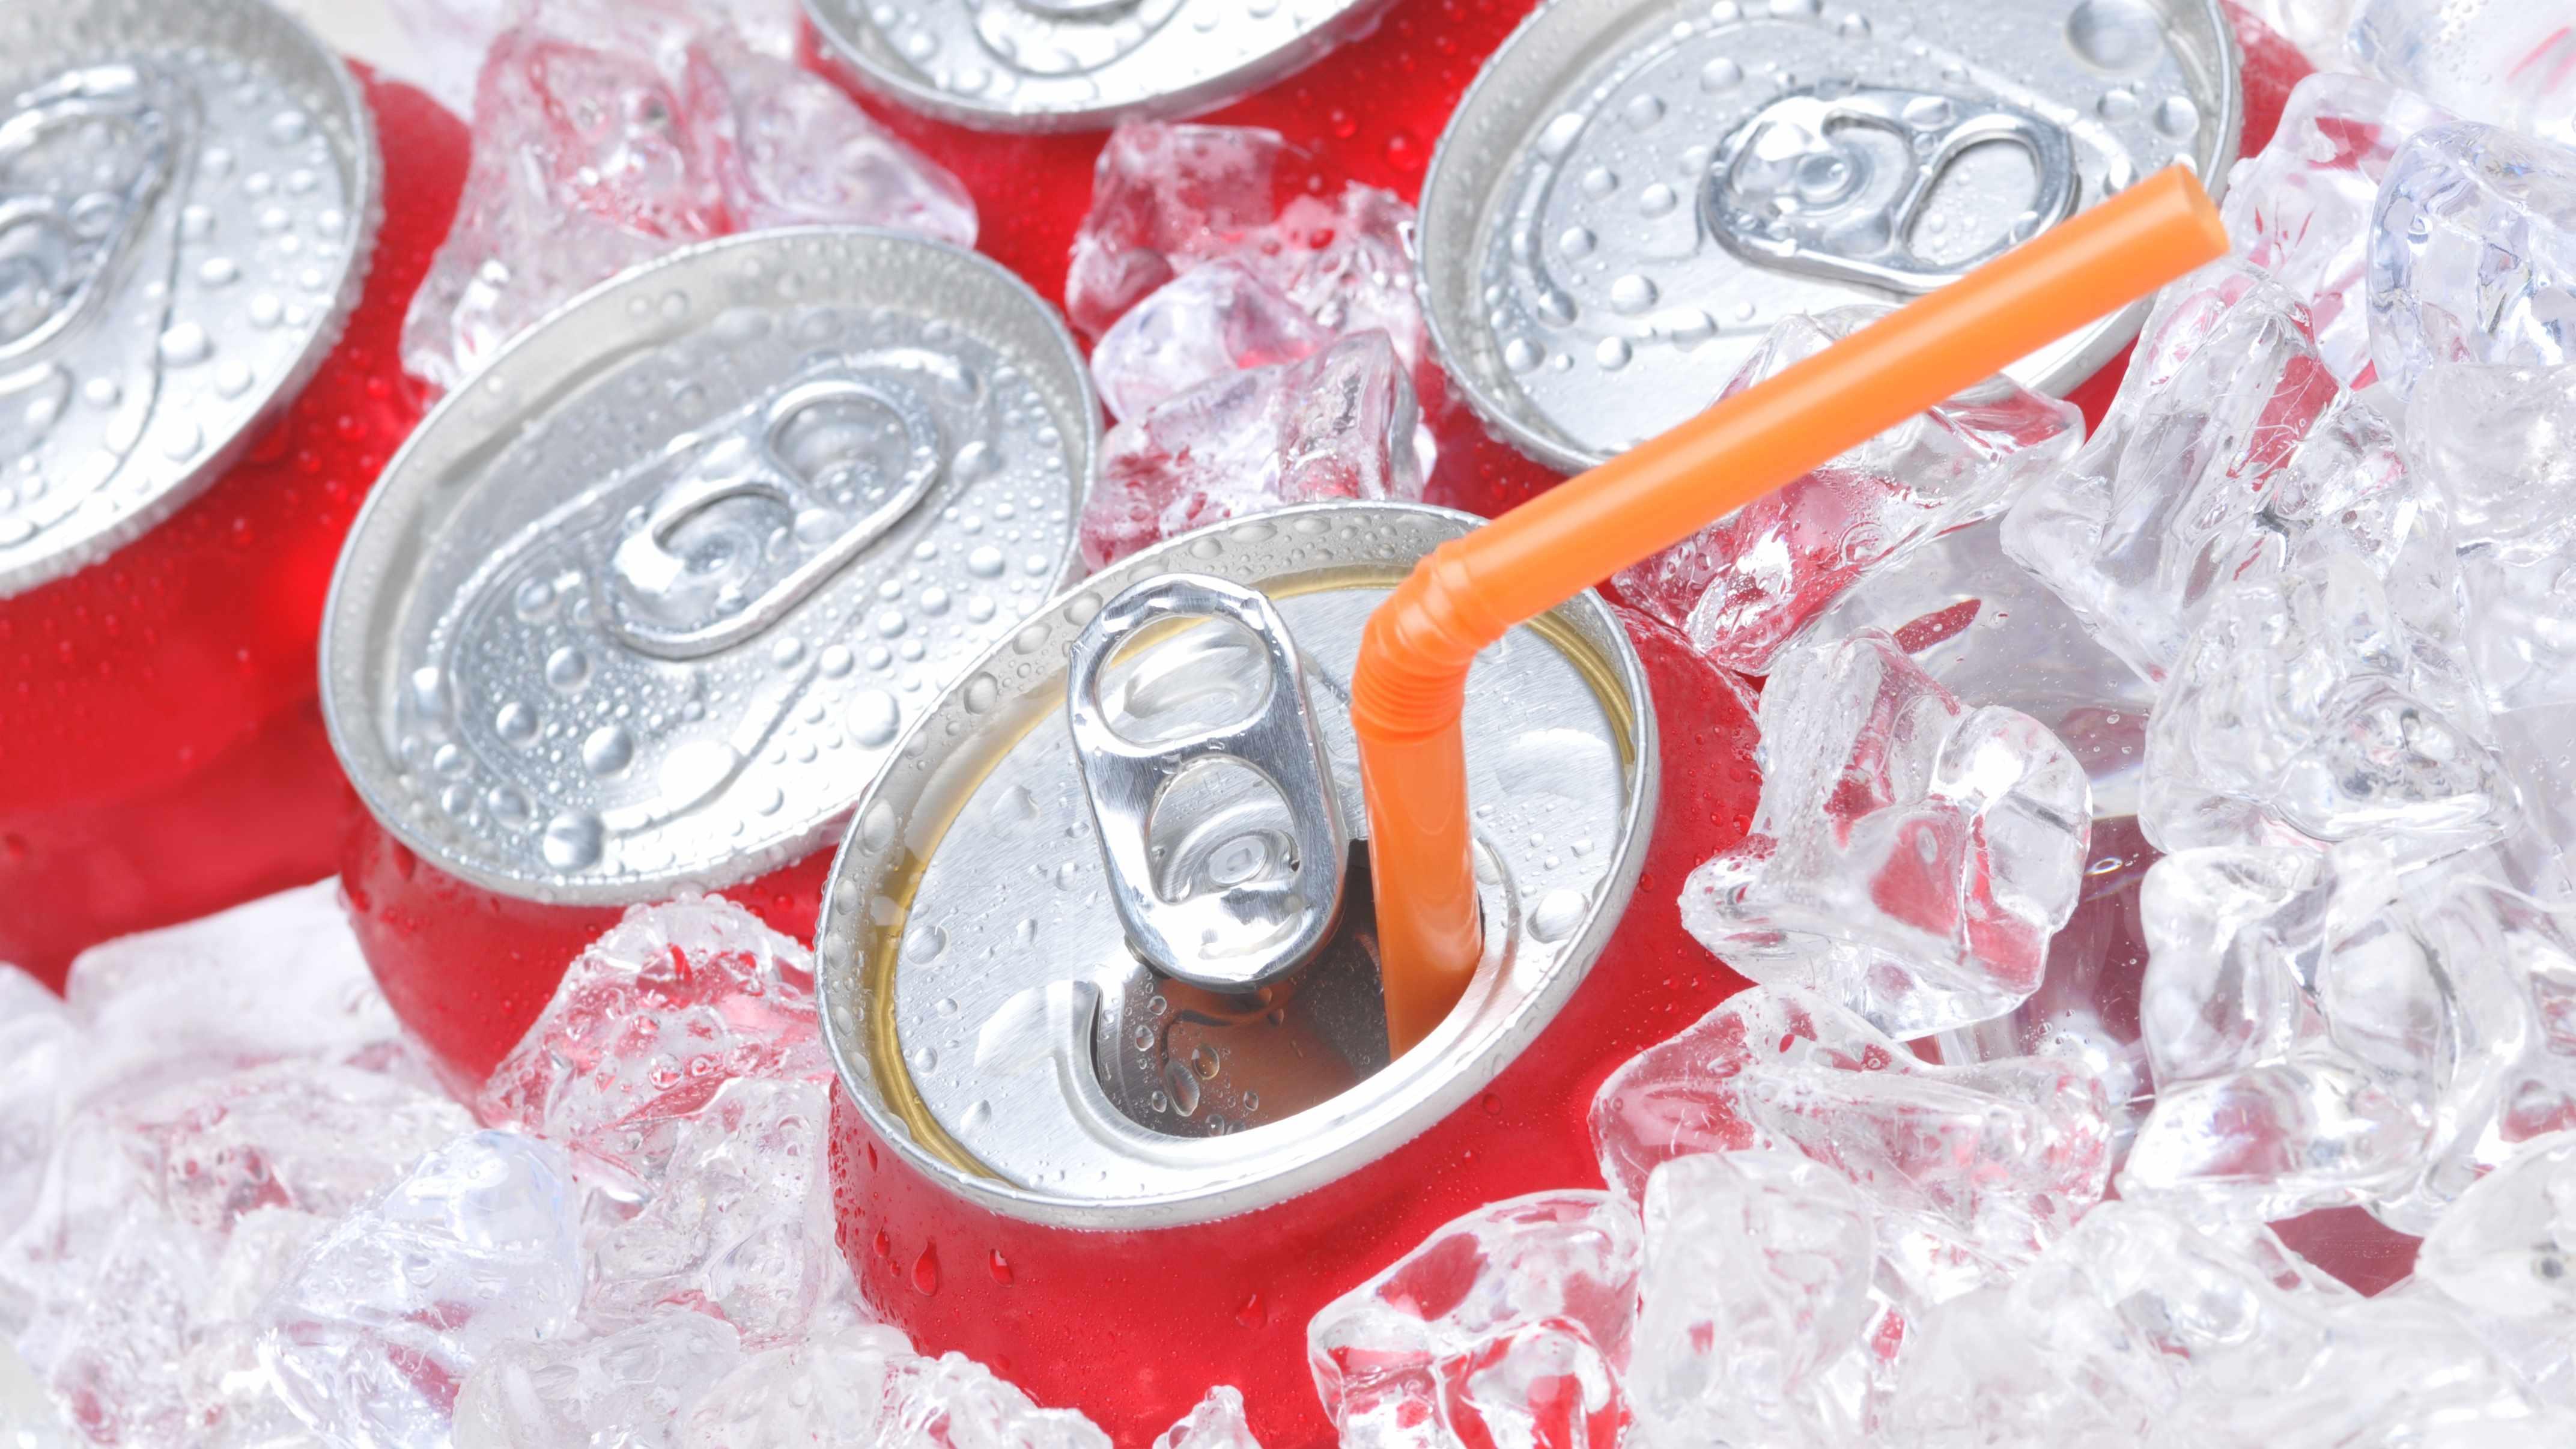 las tapas de varias latas de gaseosa aparecen sumergidas en hielo y una de ellas está abierta y tiene una pajita color naranja